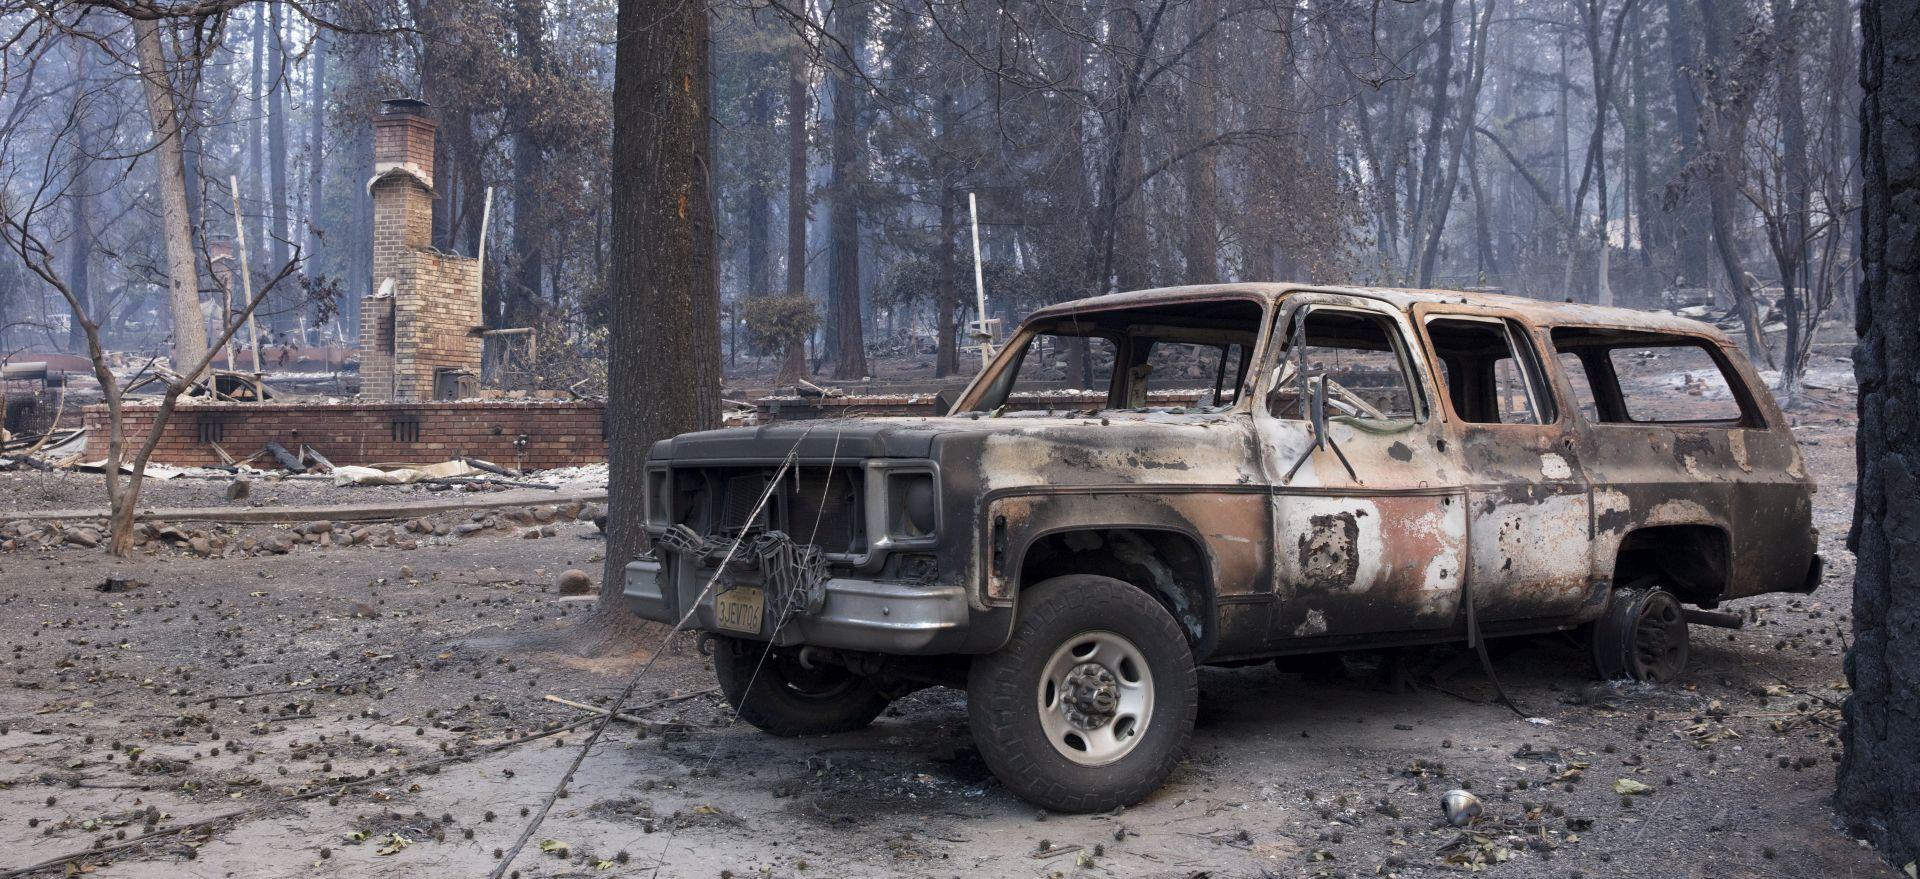 Požar i dalje hara Kalifornijom, najmanje 59 mrtvih